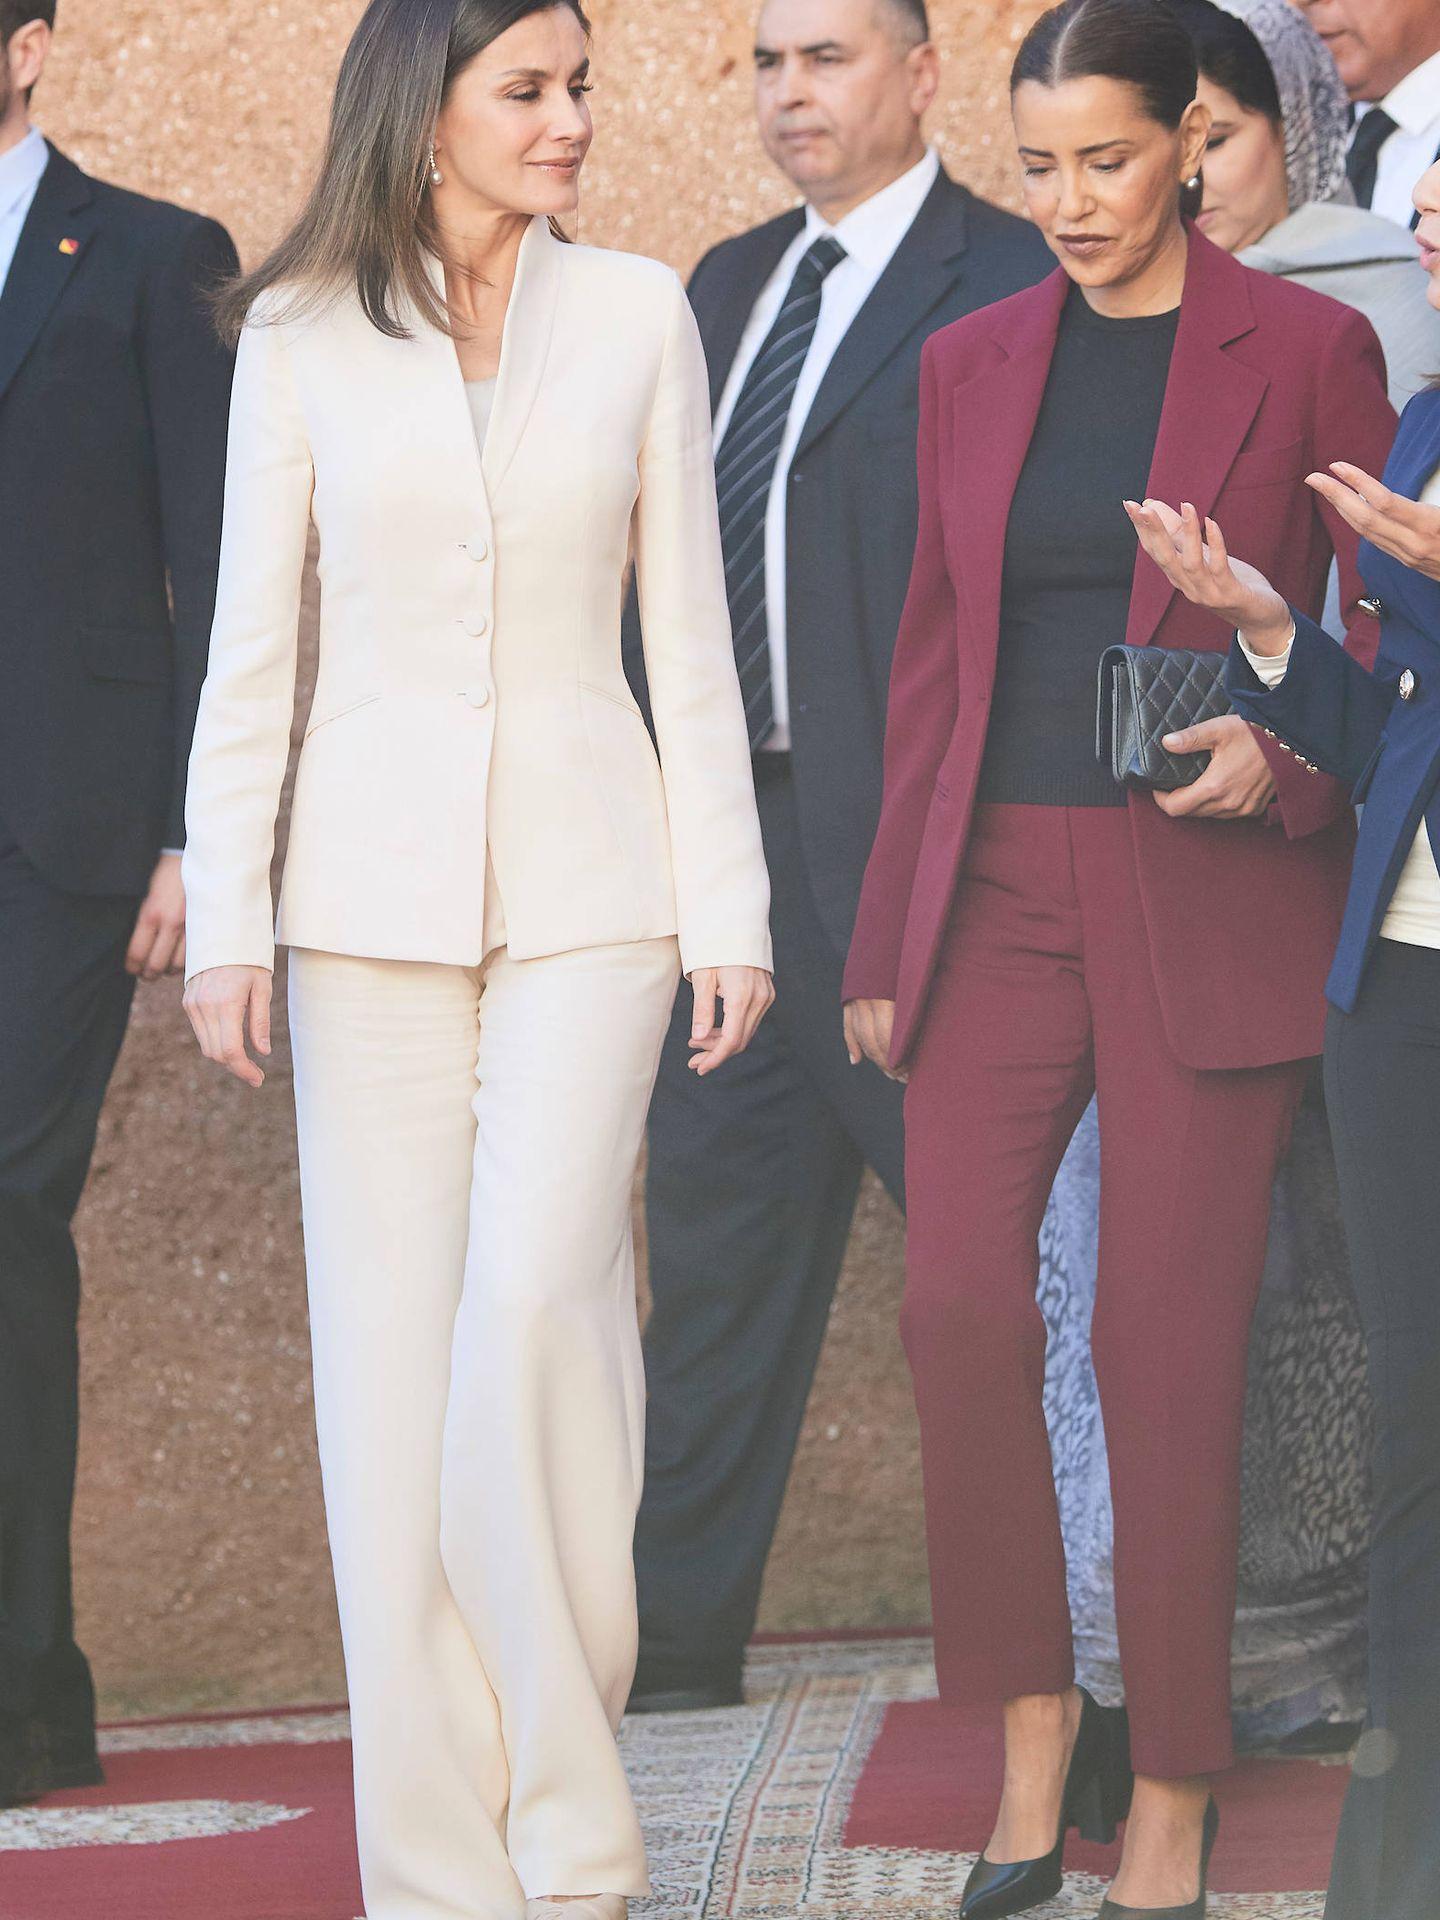 Letizia en Marruecos con el traje de Armani. (Limited)